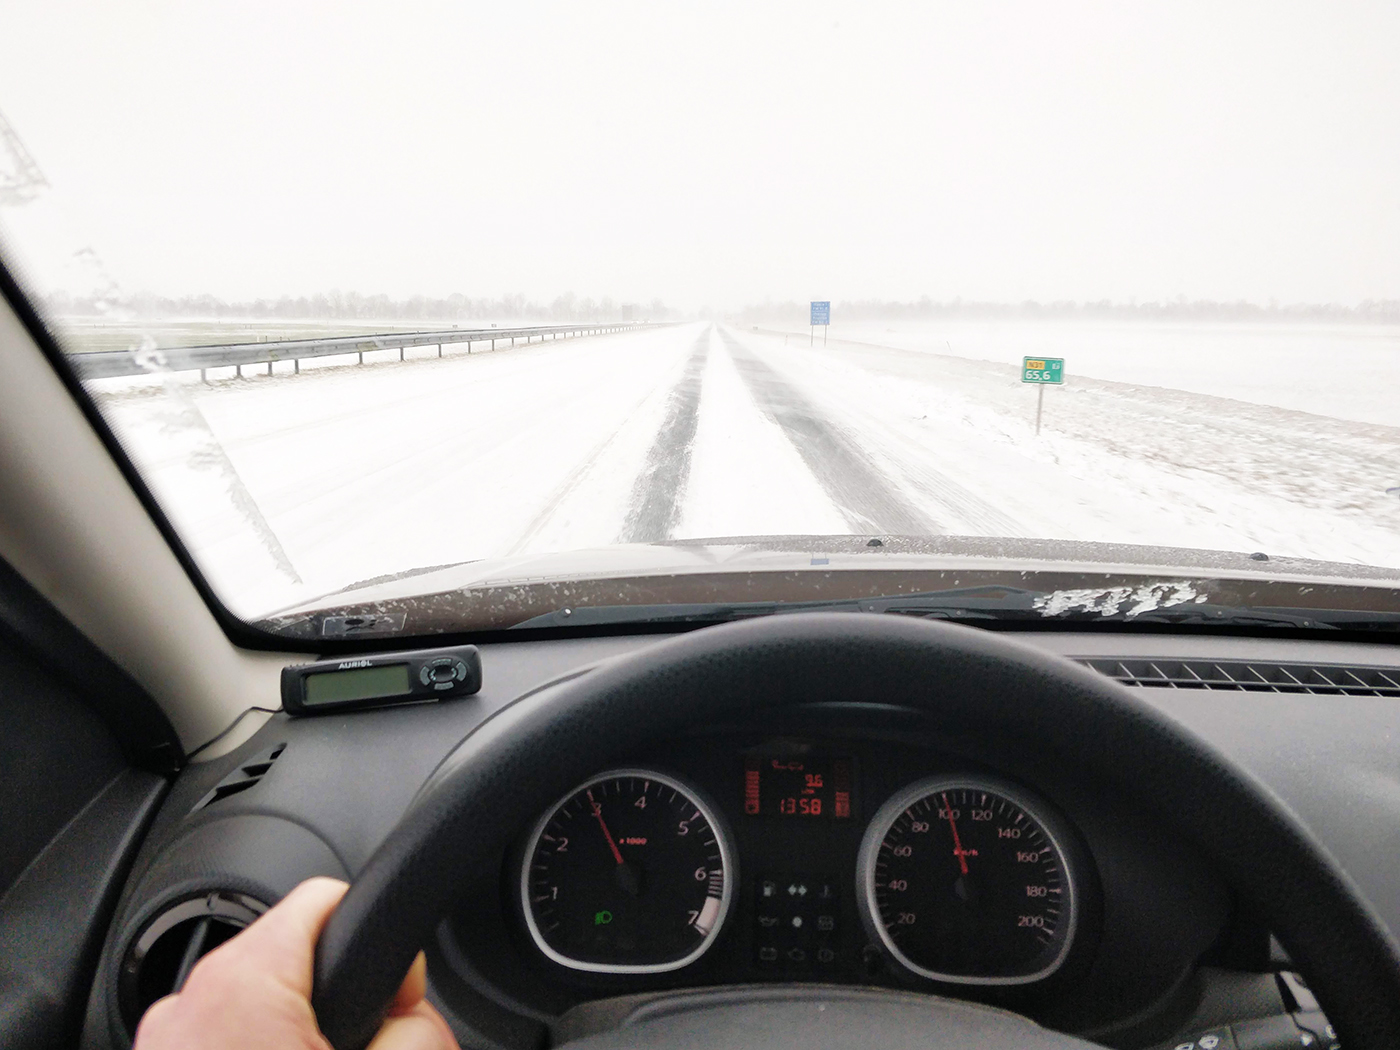 De weg is leeg en bedekt met sneeuw. On-Nederlands en even waan ik me in de poolcirkel. Heerlijk!